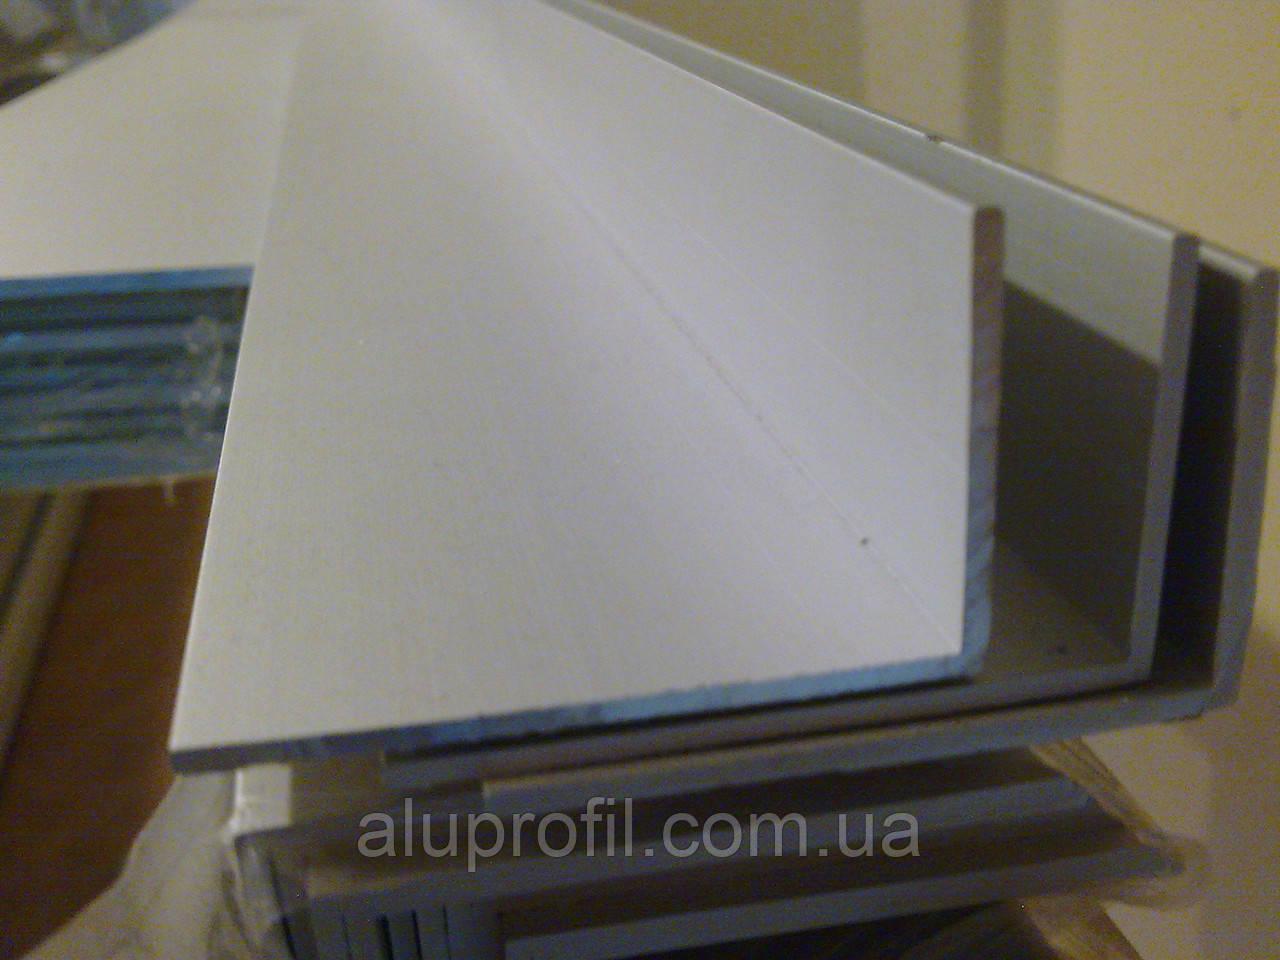 Алюминиевый профиль — уголок алюминиевый 60х20х3 AS